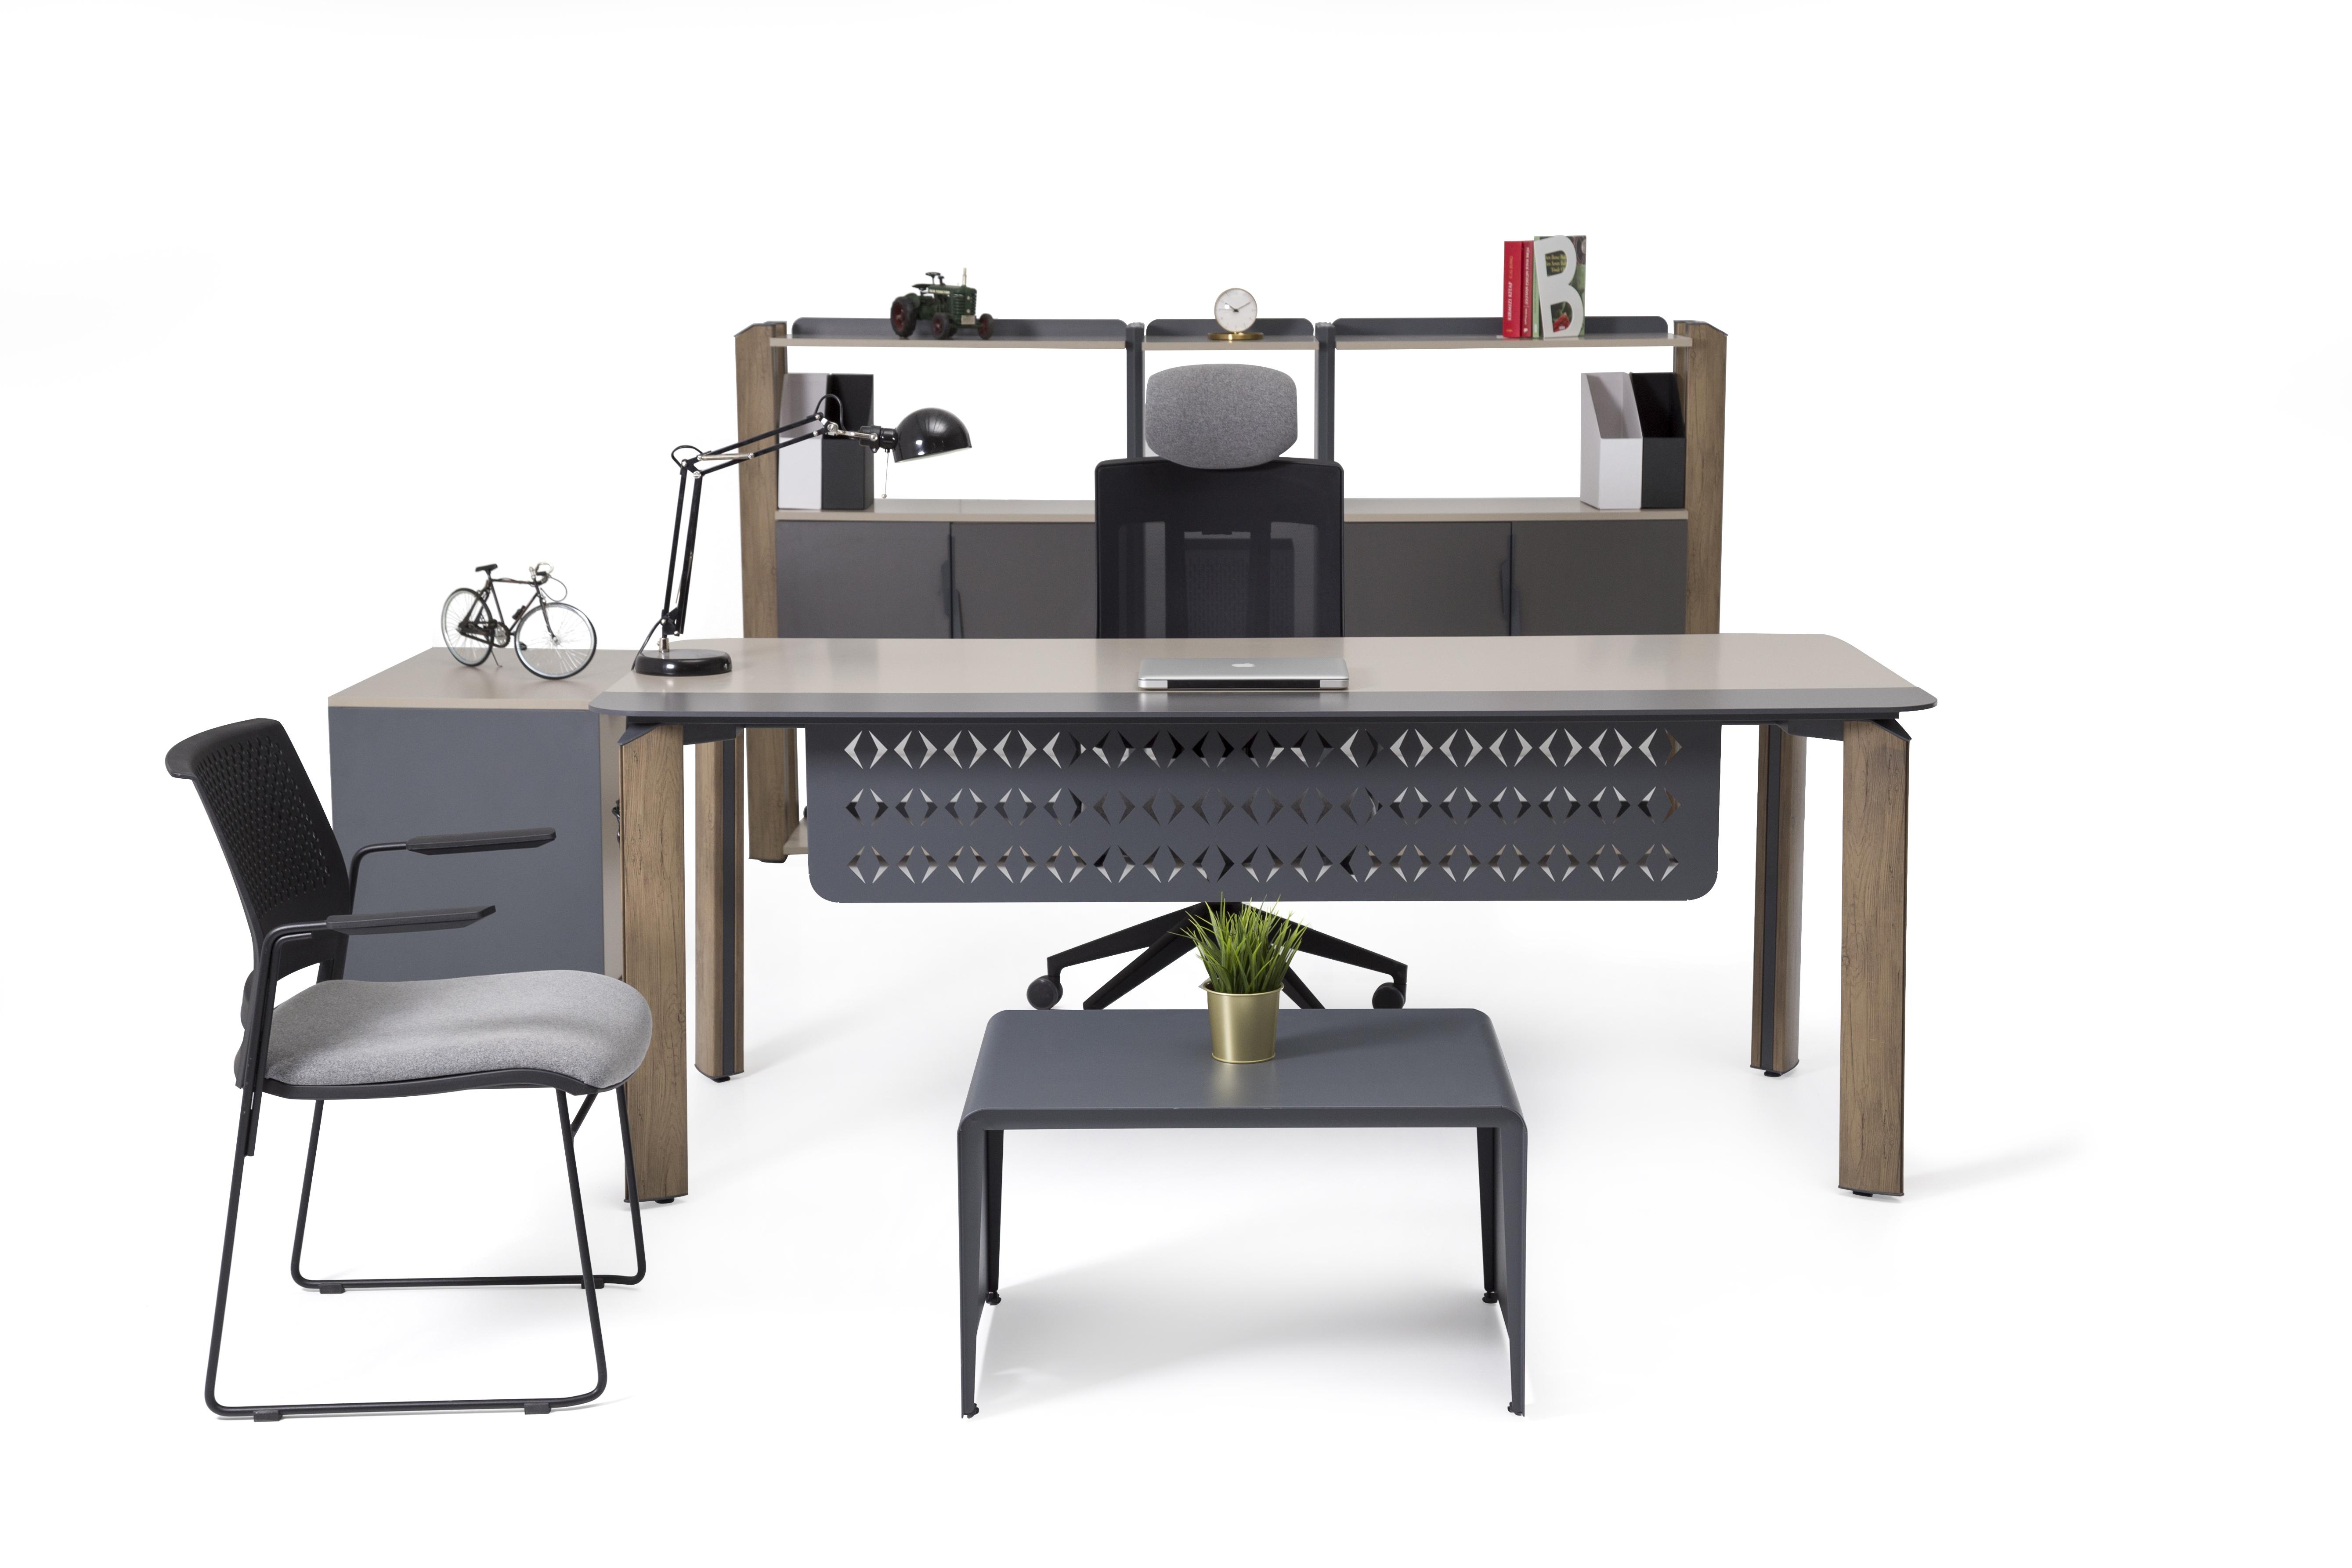 Ovali Büromöbel komplett 4-teilig Twist 180x90 cm